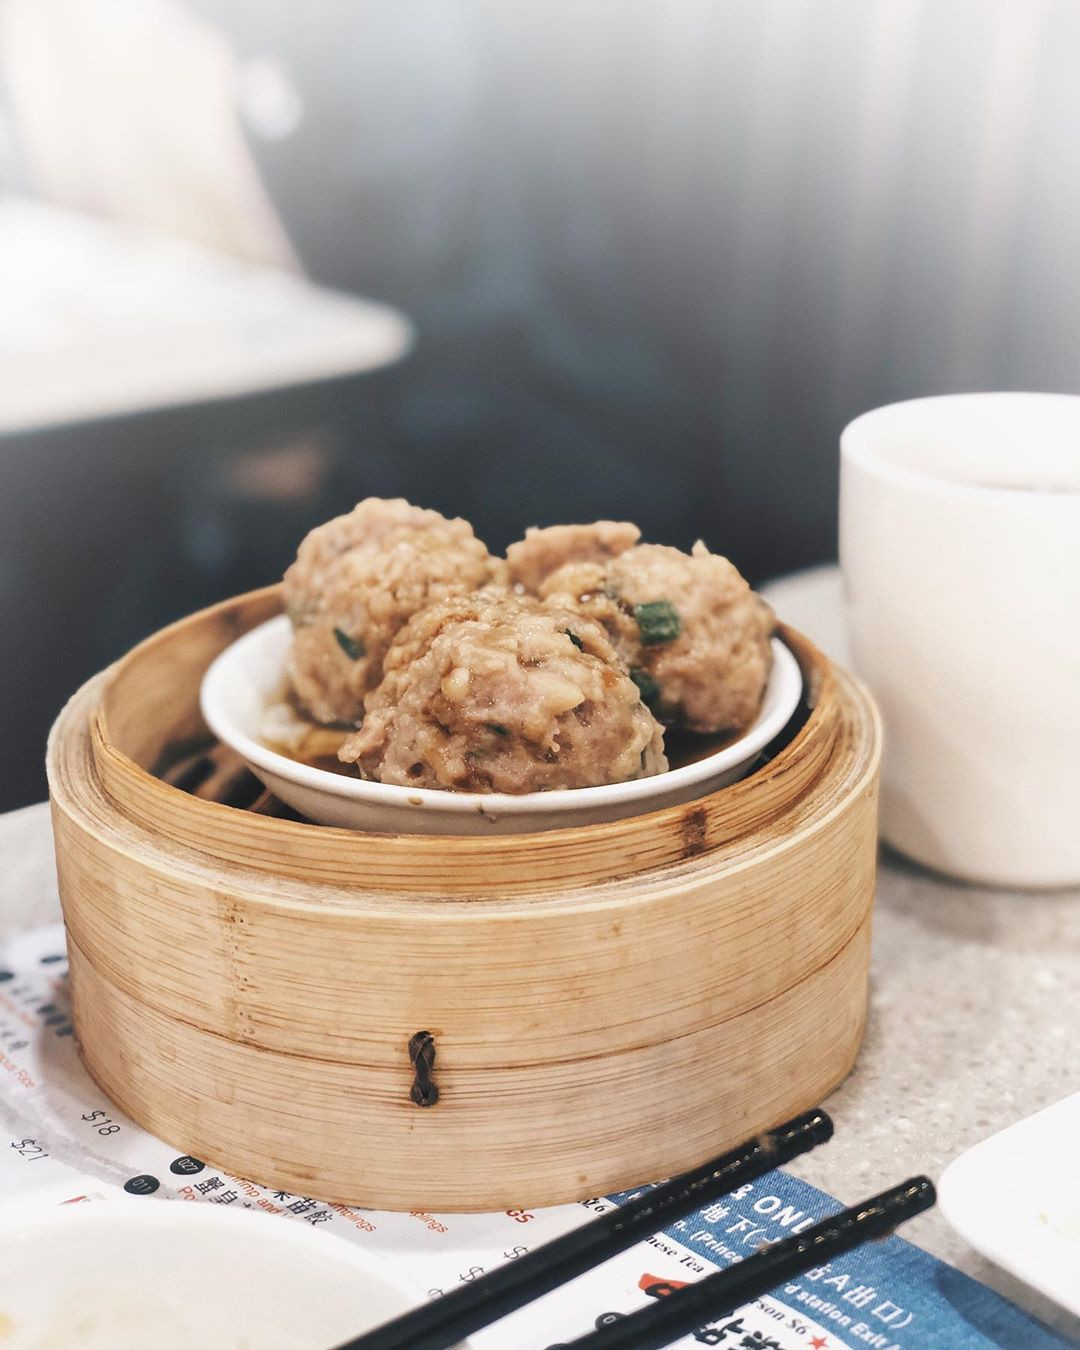 Nằm lòng 7 món ăn vặt siêu hấp dẫn cho team du lịch quét sập Hong Kong - Ảnh 6.